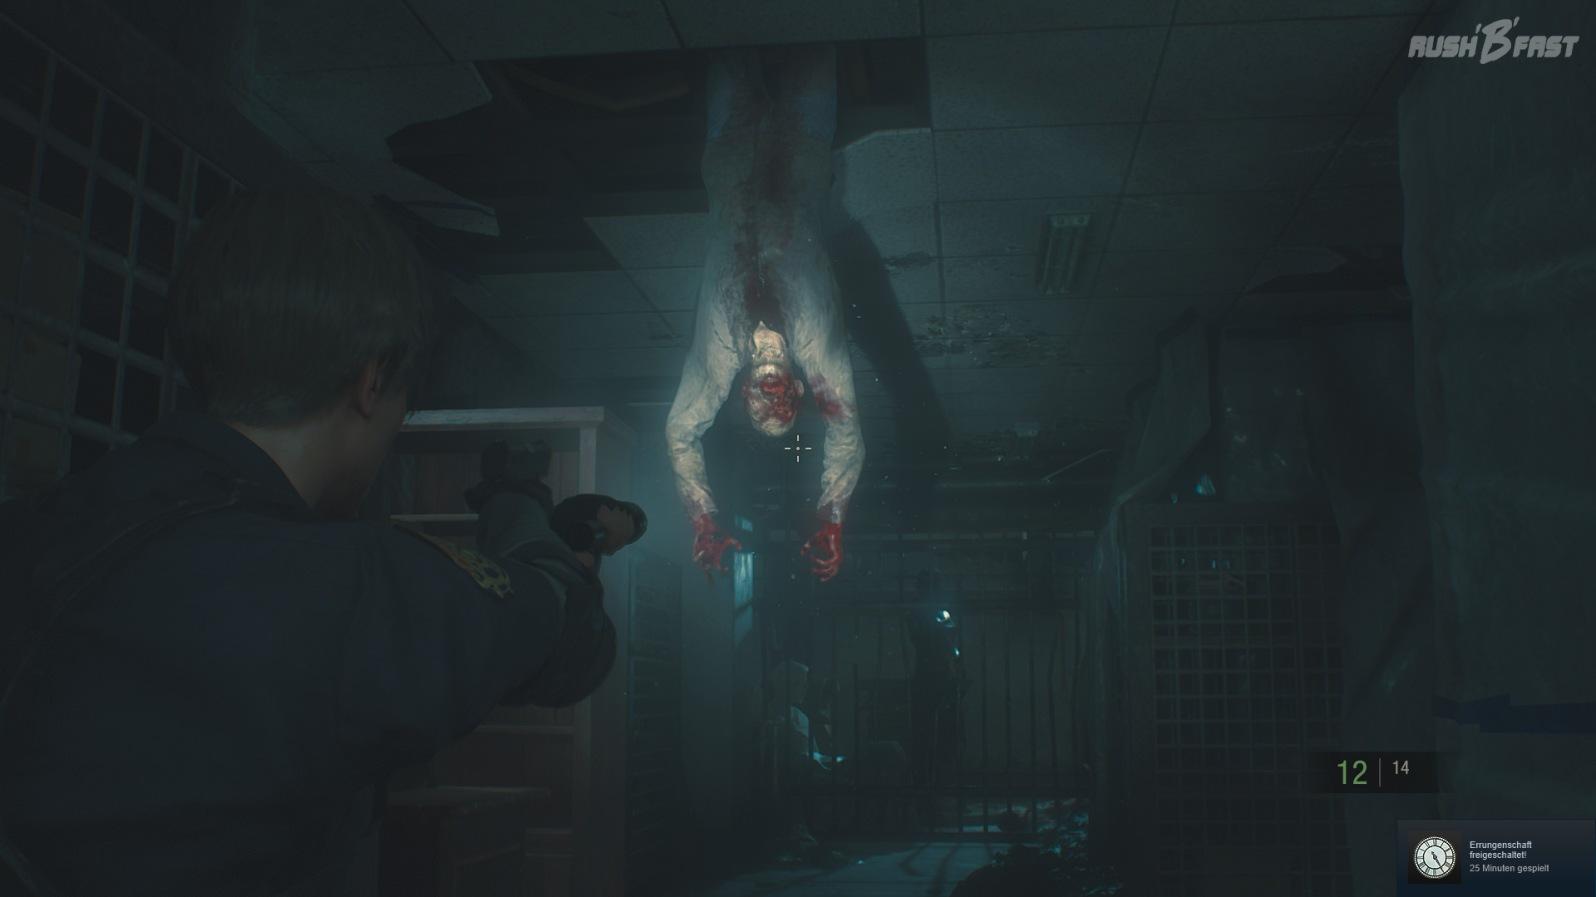 Resident Evil 2 - Nicht hängen lassen: Die zeitlich begrenzte Demo bietet noch 5 Minuten Spielspaß.